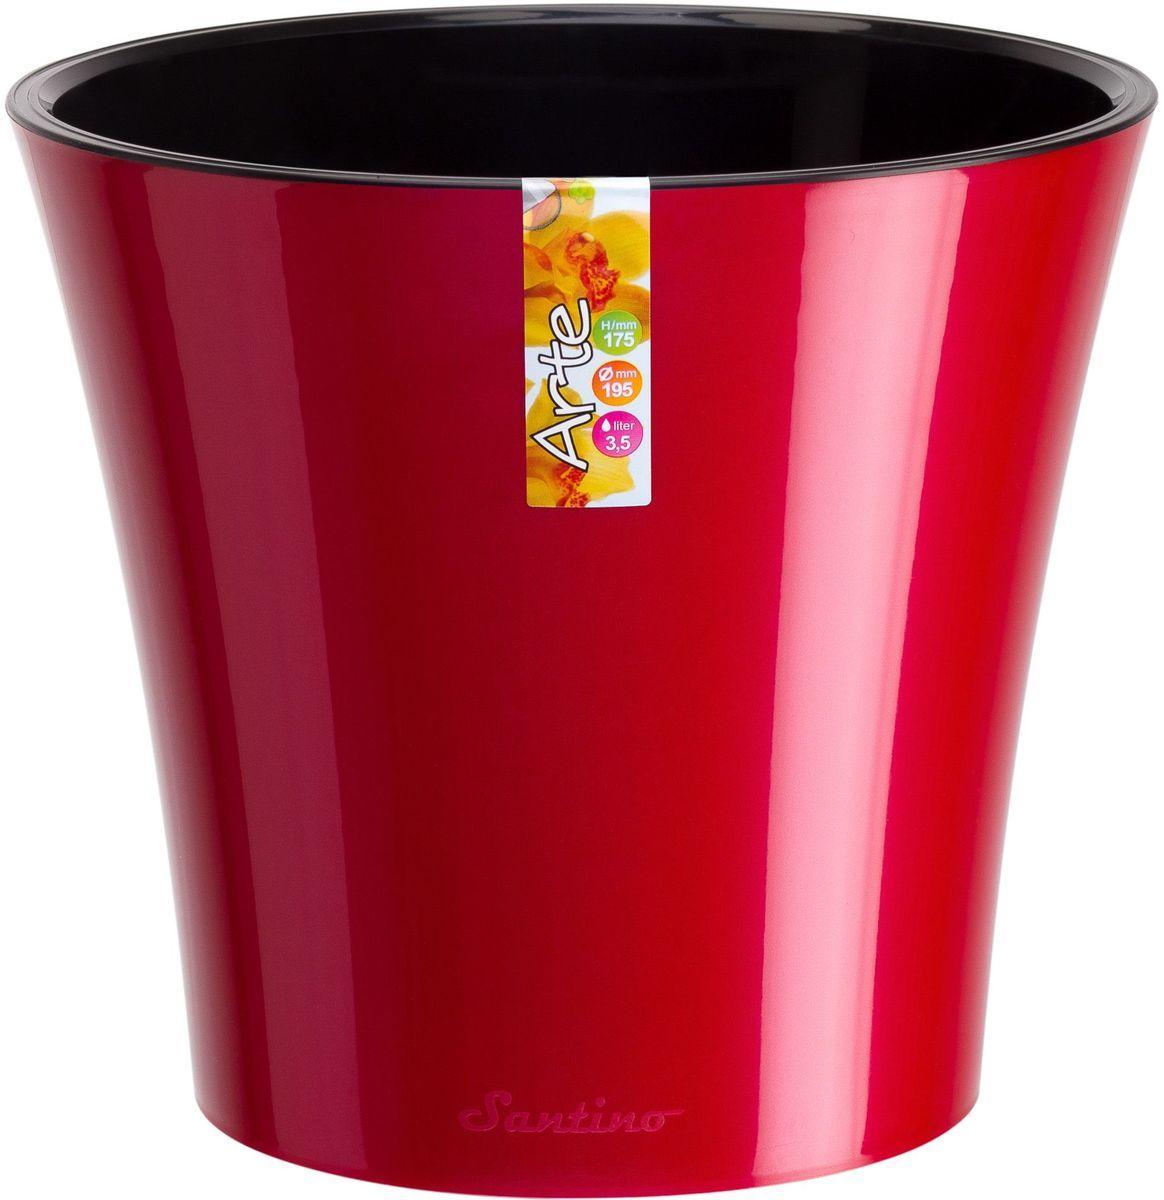 Горшок цветочный Santino Арте, двойной, с системой автополива, цвет: красный, черный, 3,5 л531-402Любой, даже самый современный и продуманный интерьер будет незавершённым без растений. Они не только очищают воздух и насыщают его кислородом, но и украшают окружающее пространство. Такому полезному члену семьи просто необходим красивый и функциональный дом! Мы предлагаем #name#! Оптимальный выбор материала — пластмасса! Почему мы так считаем?Малый вес. С лёгкостью переносите горшки и кашпо с места на место, ставьте их на столики или полки, не беспокоясь о нагрузке. Простота ухода. Кашпо не нуждается в специальных условиях хранения. Его легко чистить — достаточно просто сполоснуть тёплой водой. Никаких потёртостей. Такие кашпо не царапают и не загрязняют поверхности, на которых стоят. Пластик дольше хранит влагу, а значит, растение реже нуждается в поливе. Пластмасса не пропускает воздух — корневой системе растения не грозят резкие перепады температур. Огромный выбор форм, декора и расцветок — вы без труда найдёте что-то, что идеально впишется в уже существующий интерьер. Соблюдая нехитрые правила ухода, вы можете заметно продлить срок службы горшков и кашпо из пластика:всегда учитывайте размер кроны и корневой системы (при разрастании большое растение способно повредить маленький горшок)берегите изделие от воздействия прямых солнечных лучей, чтобы горшки не выцветалидержите кашпо из пластика подальше от нагревающихся поверхностей. Создавайте прекрасные цветочные композиции, выращивайте рассаду или необычные растения.